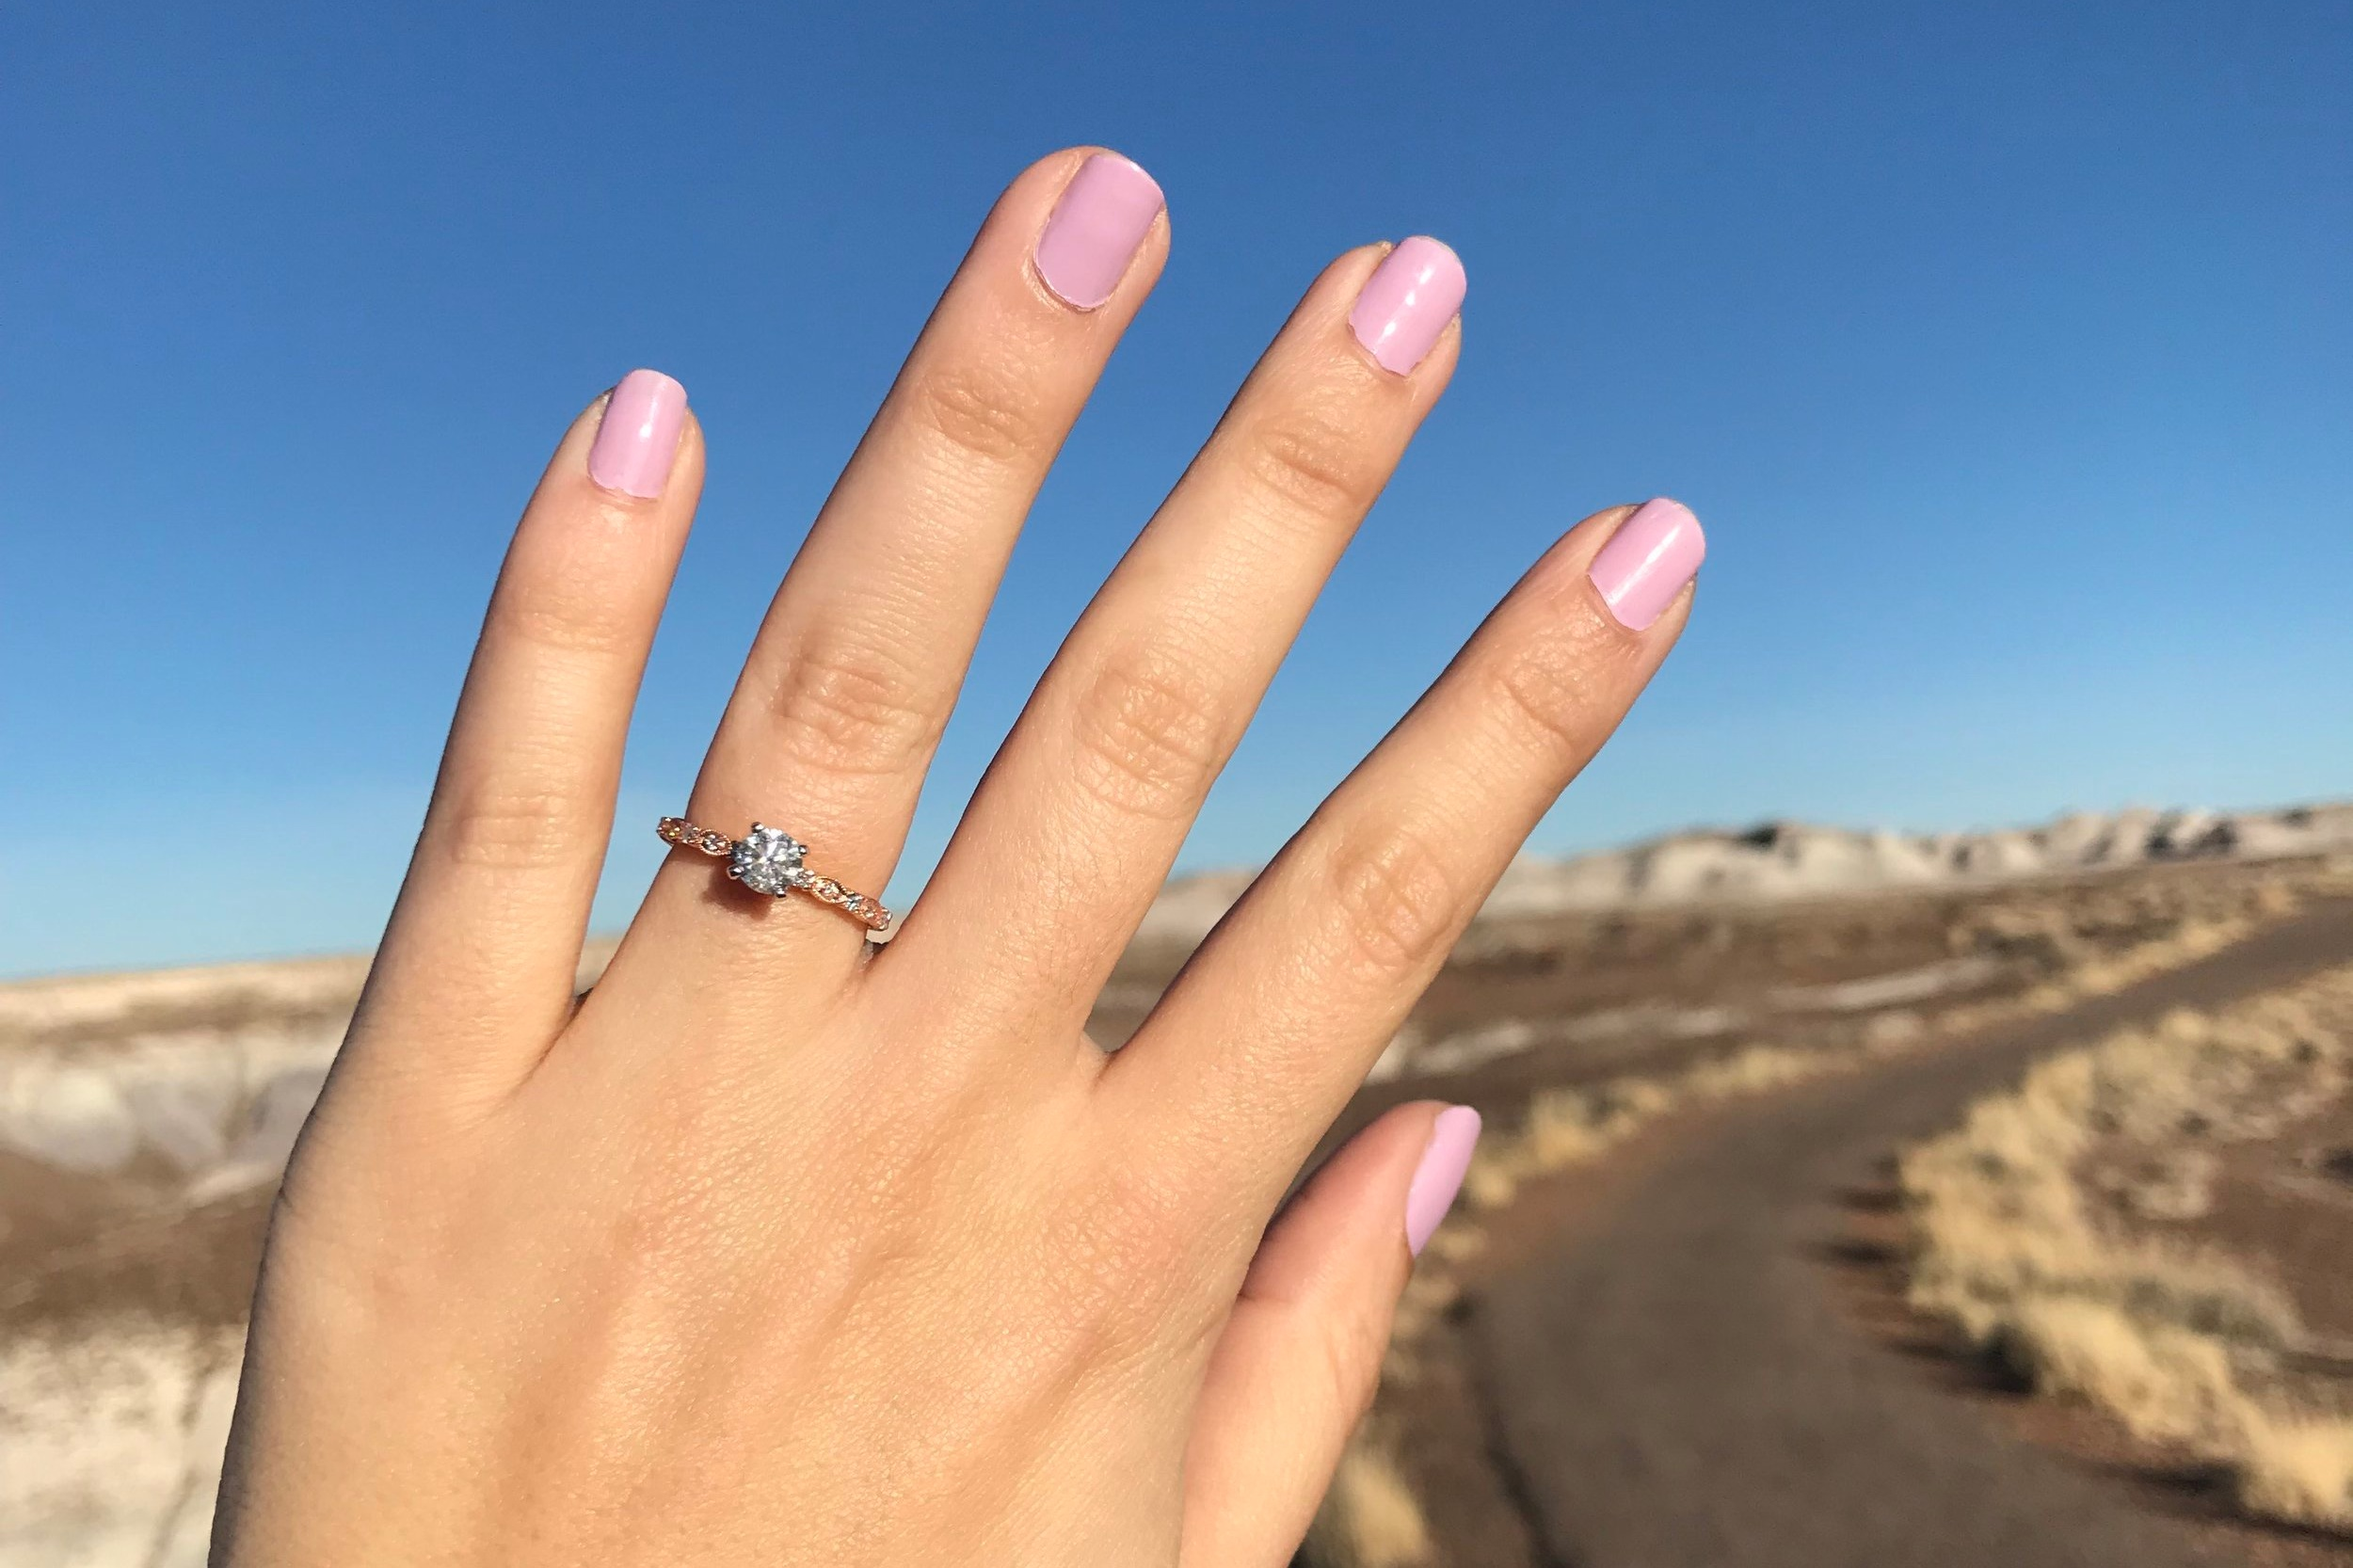 arizona+engagement+budget+wedding+ideas